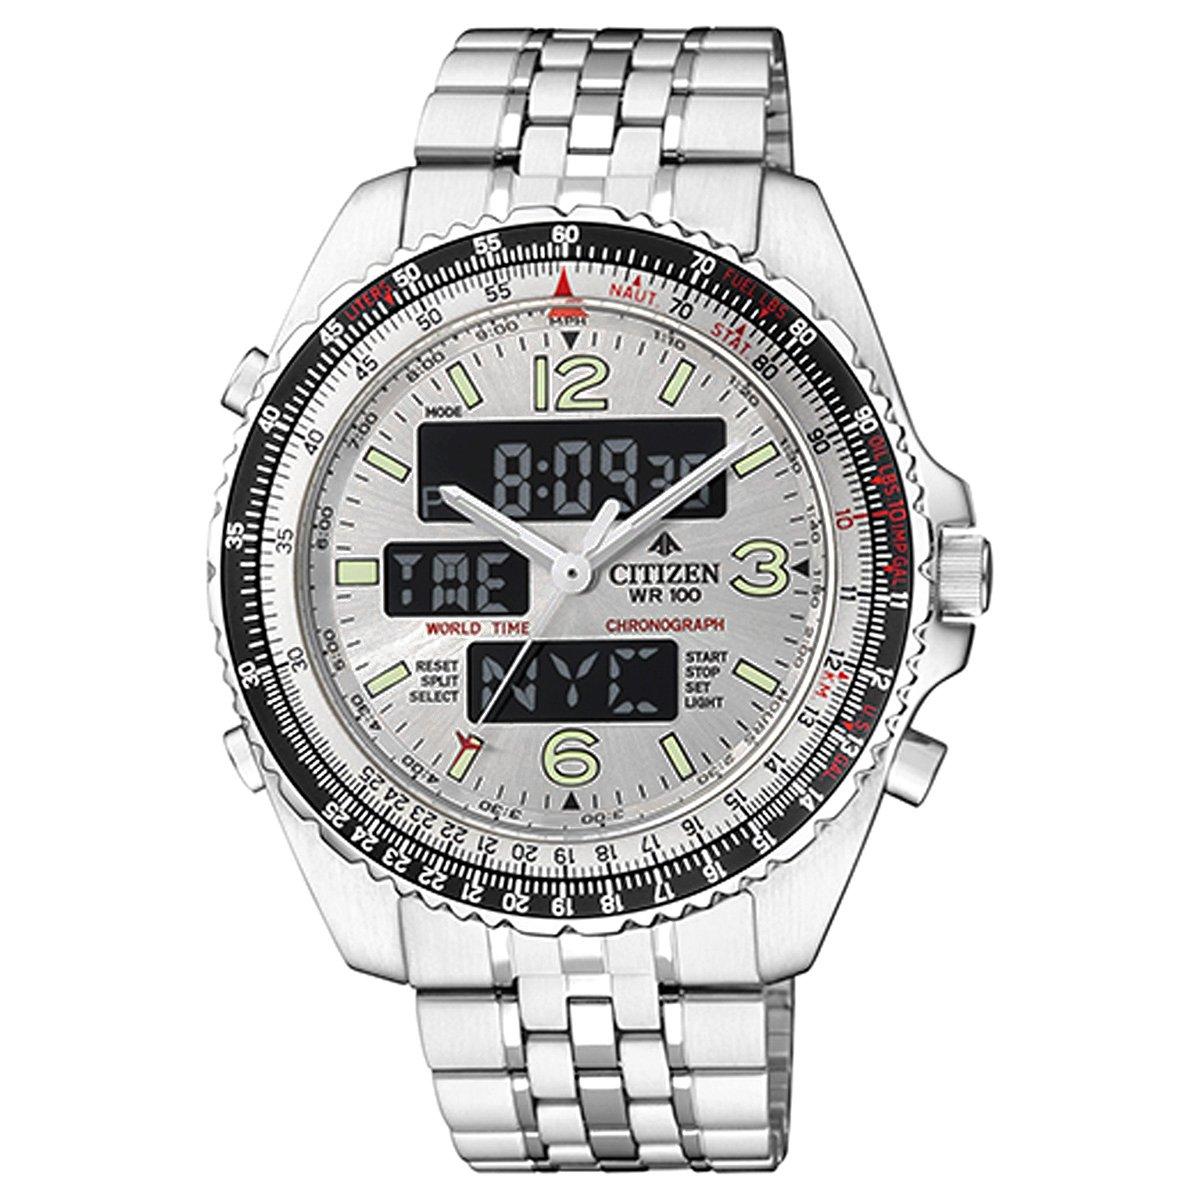 78370b02e3e Relógio Citizen Promaster TZ10075Q Masculino - Compre Agora